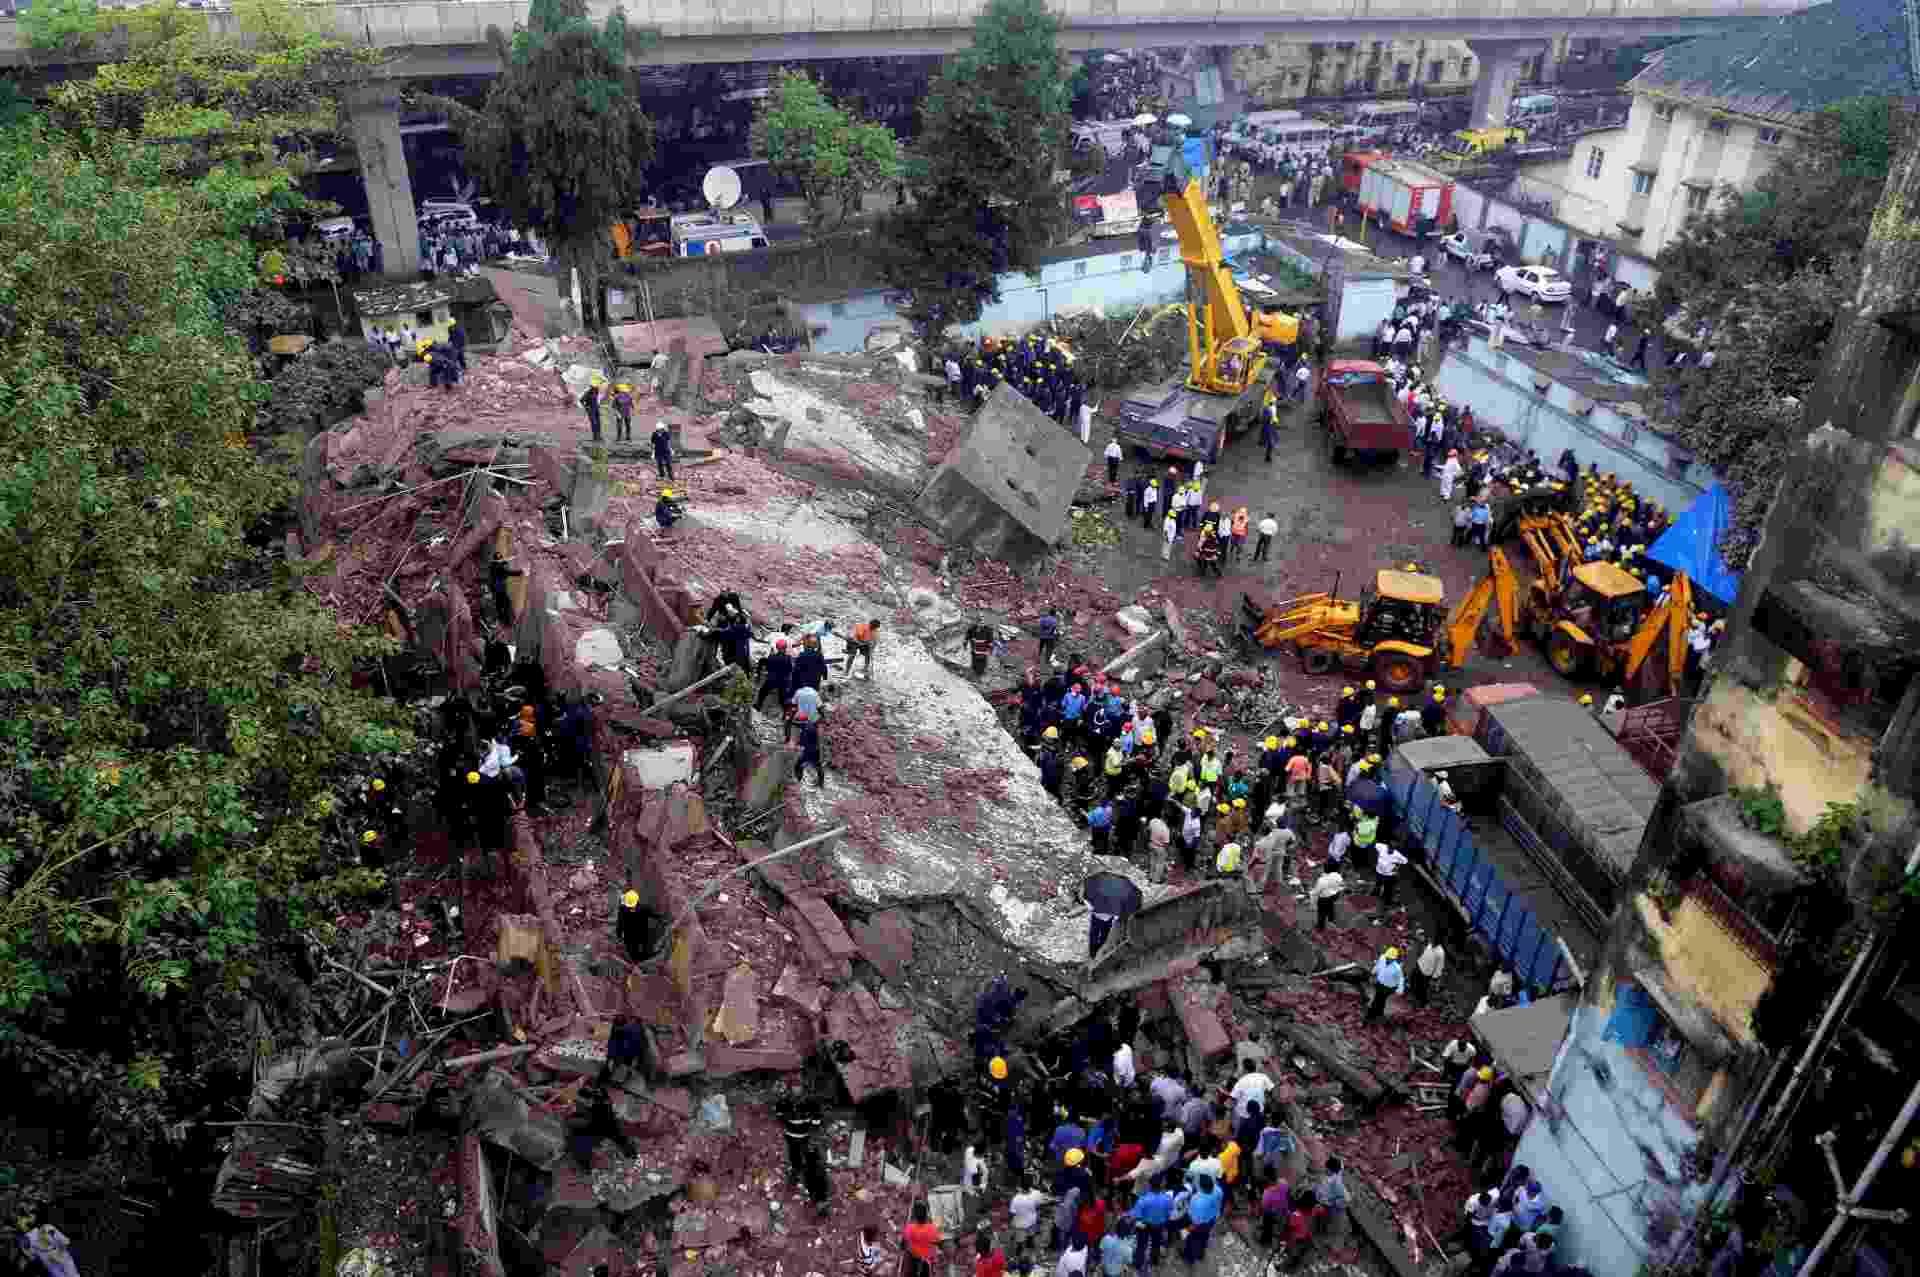 27.set.2013 - Bombeiros procuram sobreviventes nesta quinta-feira (27) em prédio de cinco andares que desabou em Mumbai (Índia). Moradores estimam que cerca de 60 pessoas moravam no local, e a polícia diz que entre 20 e 24 pessoas ficaram presas - Indranil Mukherjee/AFP